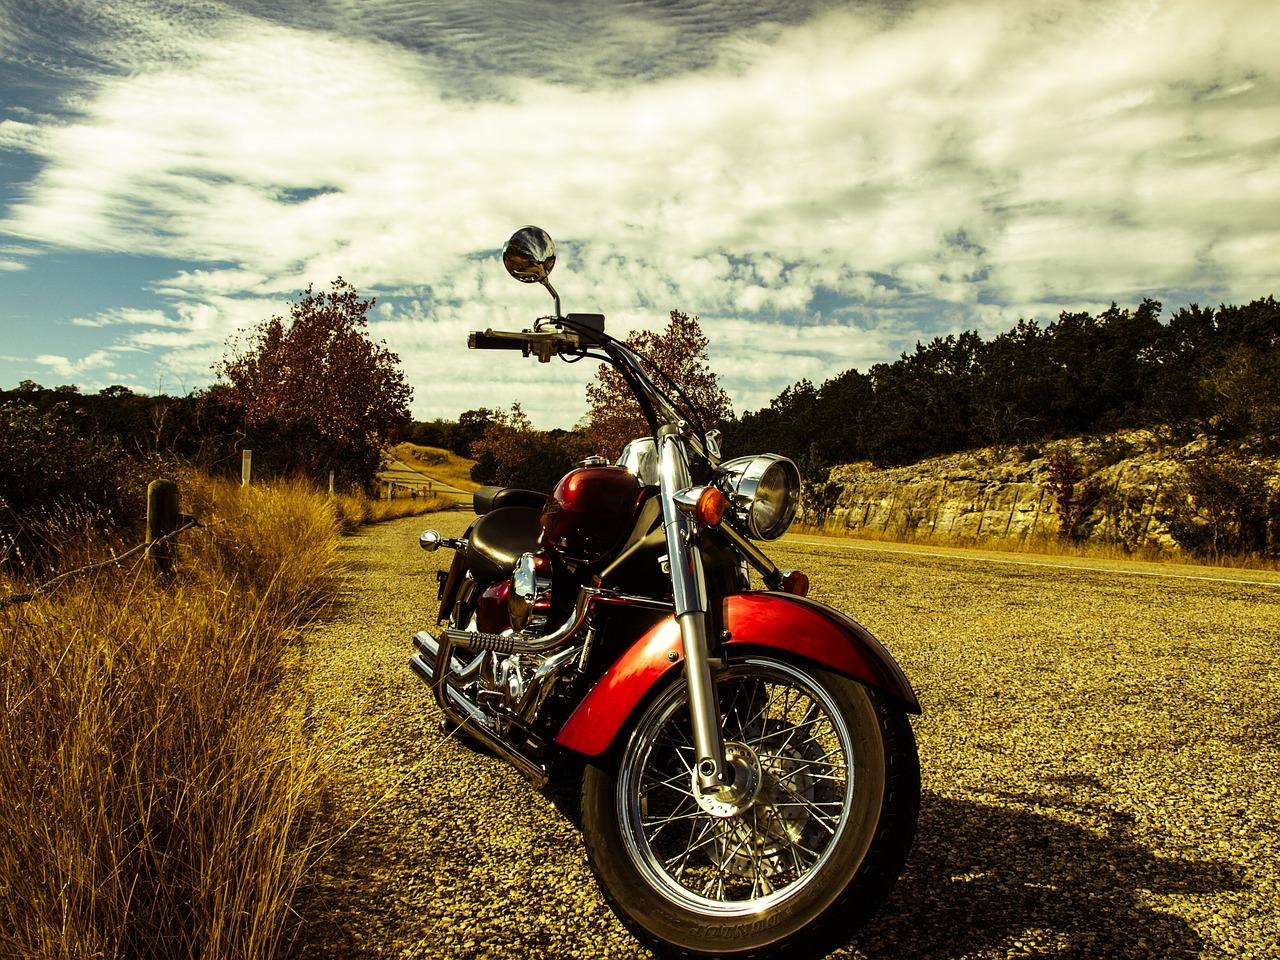 バイクは車検が必要!どの排気量でも受けるべき?